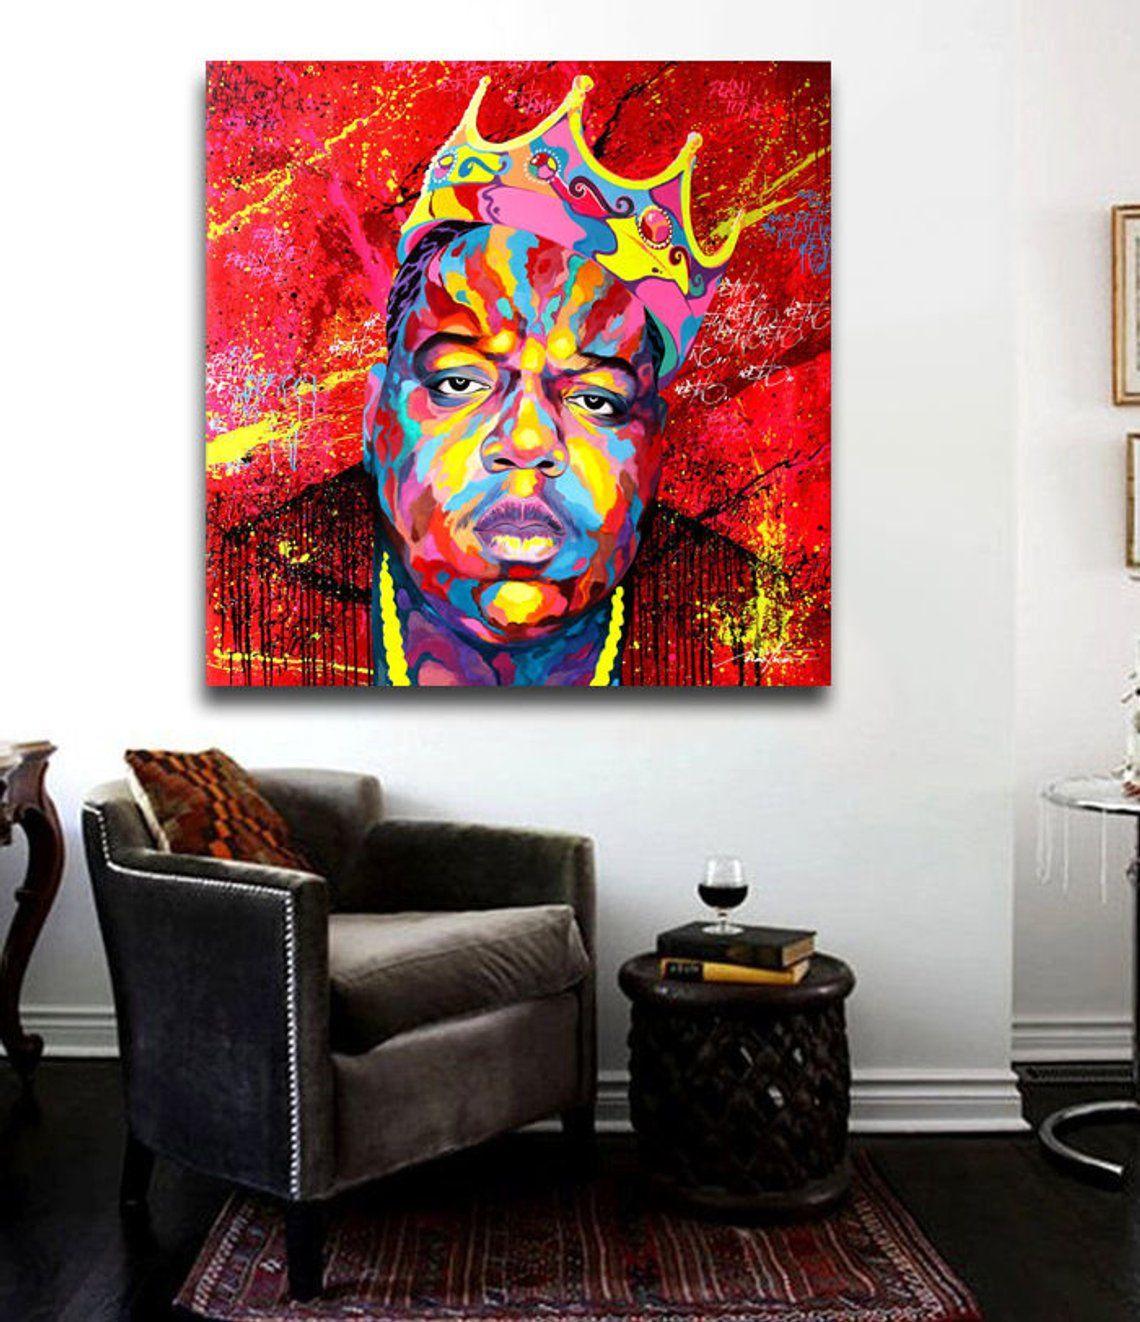 Biggie smalls notorious big 24 x 24 canvas print hip hop